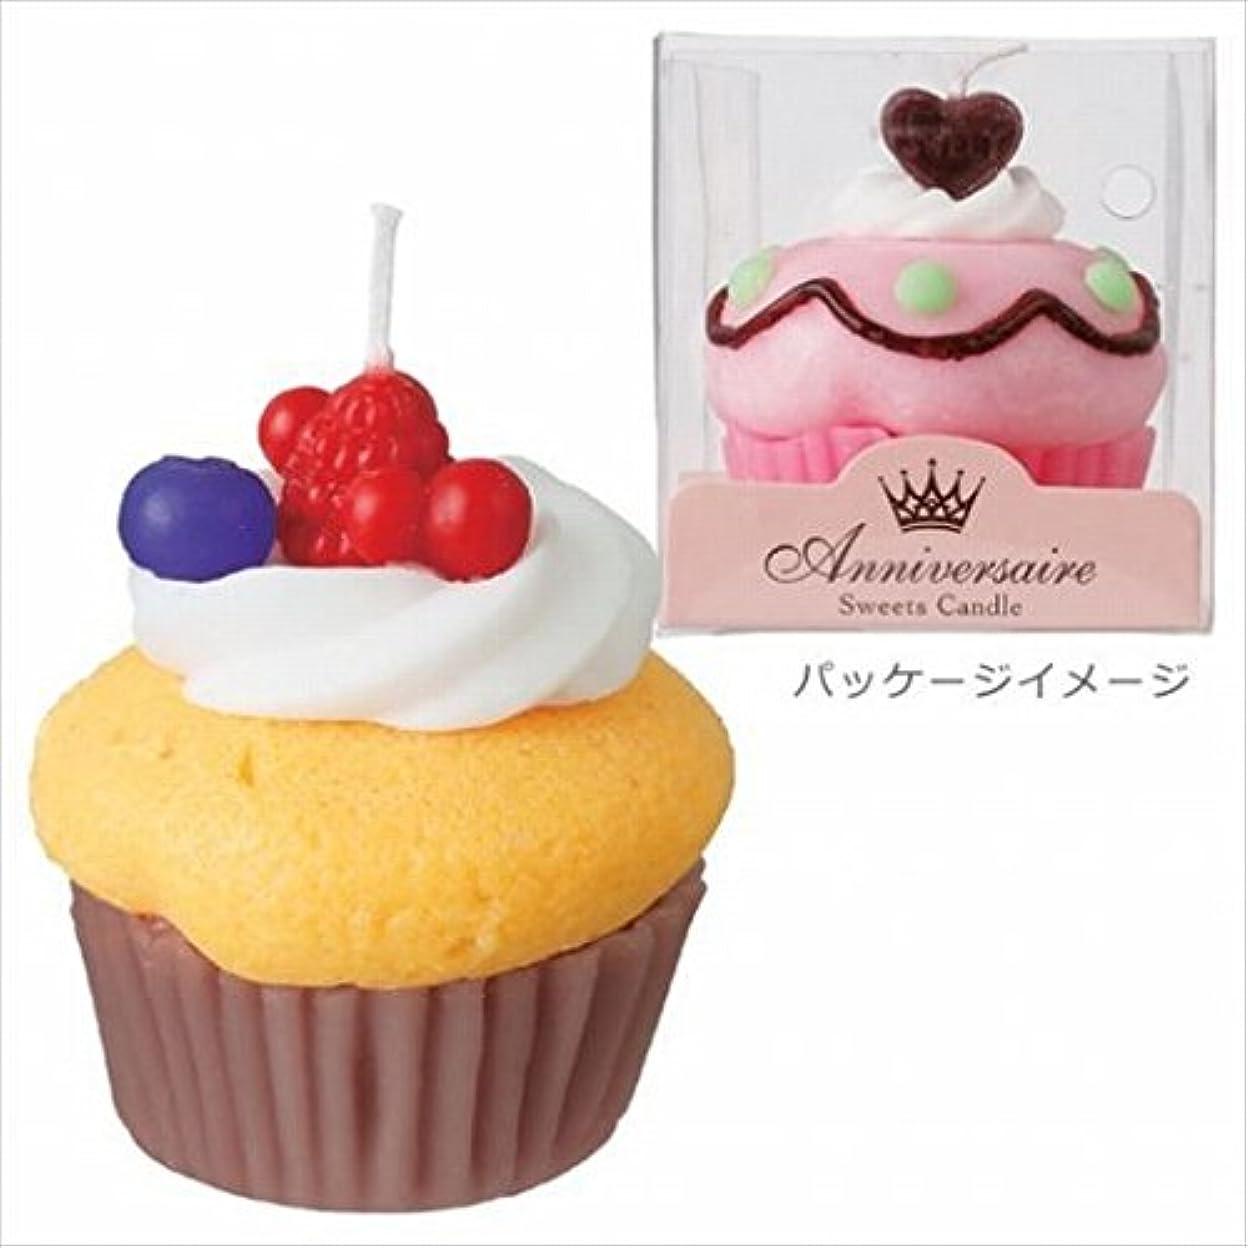 ファイター人口キャップカメヤマキャンドル( kameyama candle ) カップケーキキャンドル 「 マンゴーカップケーキ 」